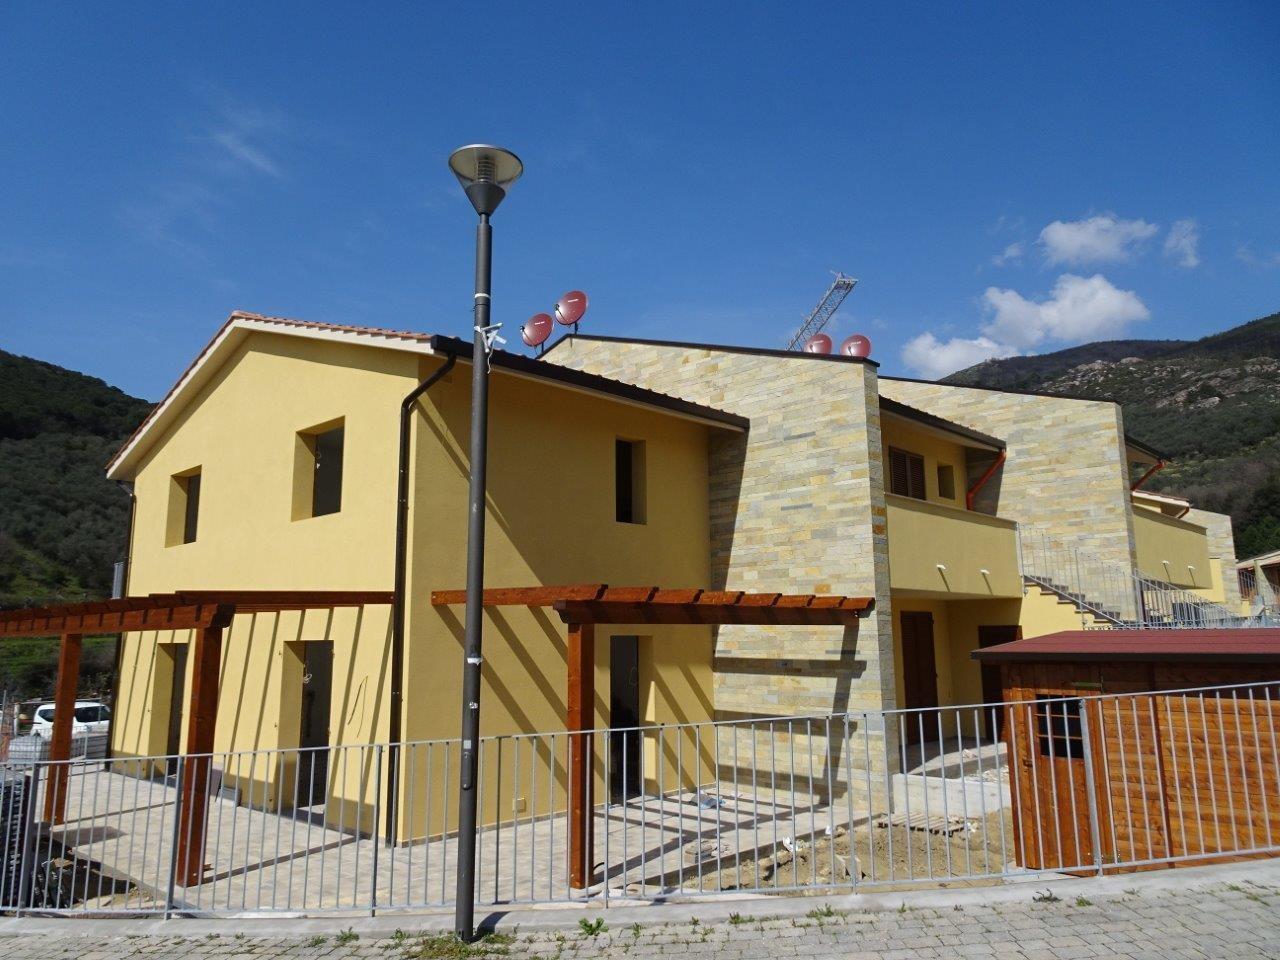 Villetta a schiera angolare a Vicopisano